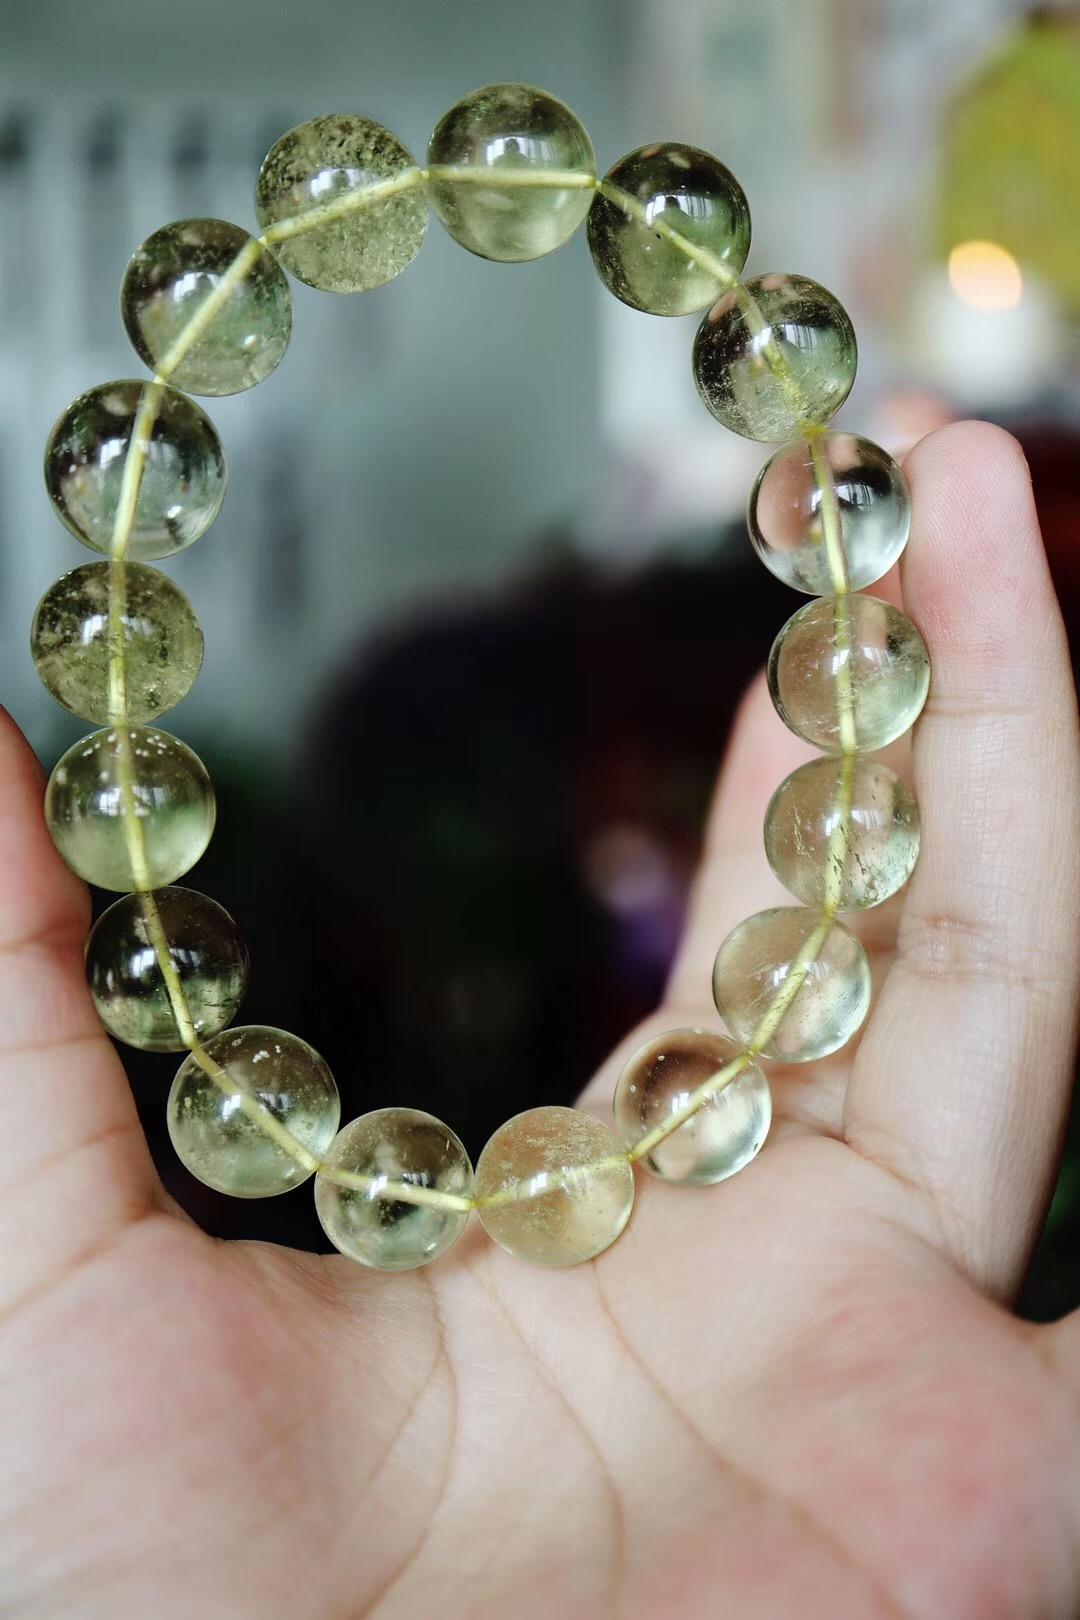 【利比亚陨石大珠子】被认为是联系精神和肉体的强大能量石-菩心晶舍